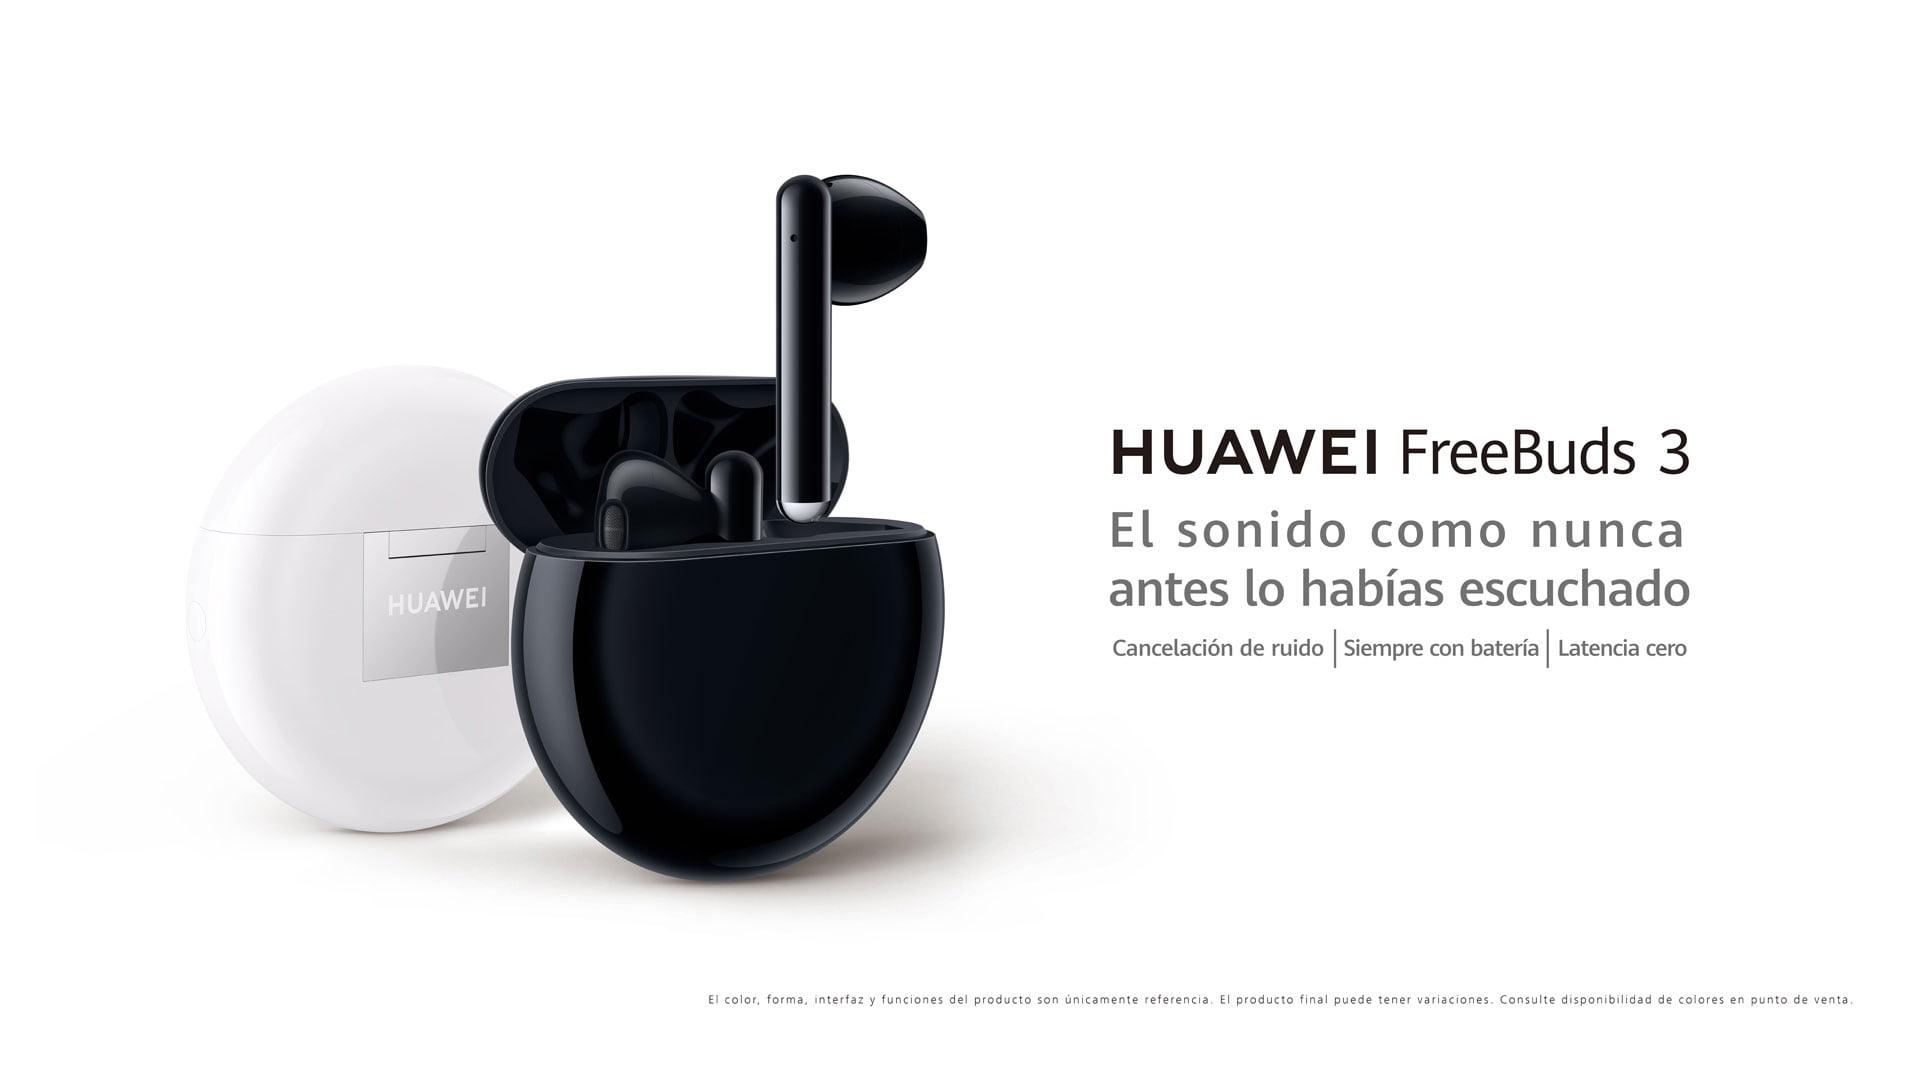 Imagen promocional de los Huawei FreeBuds 3